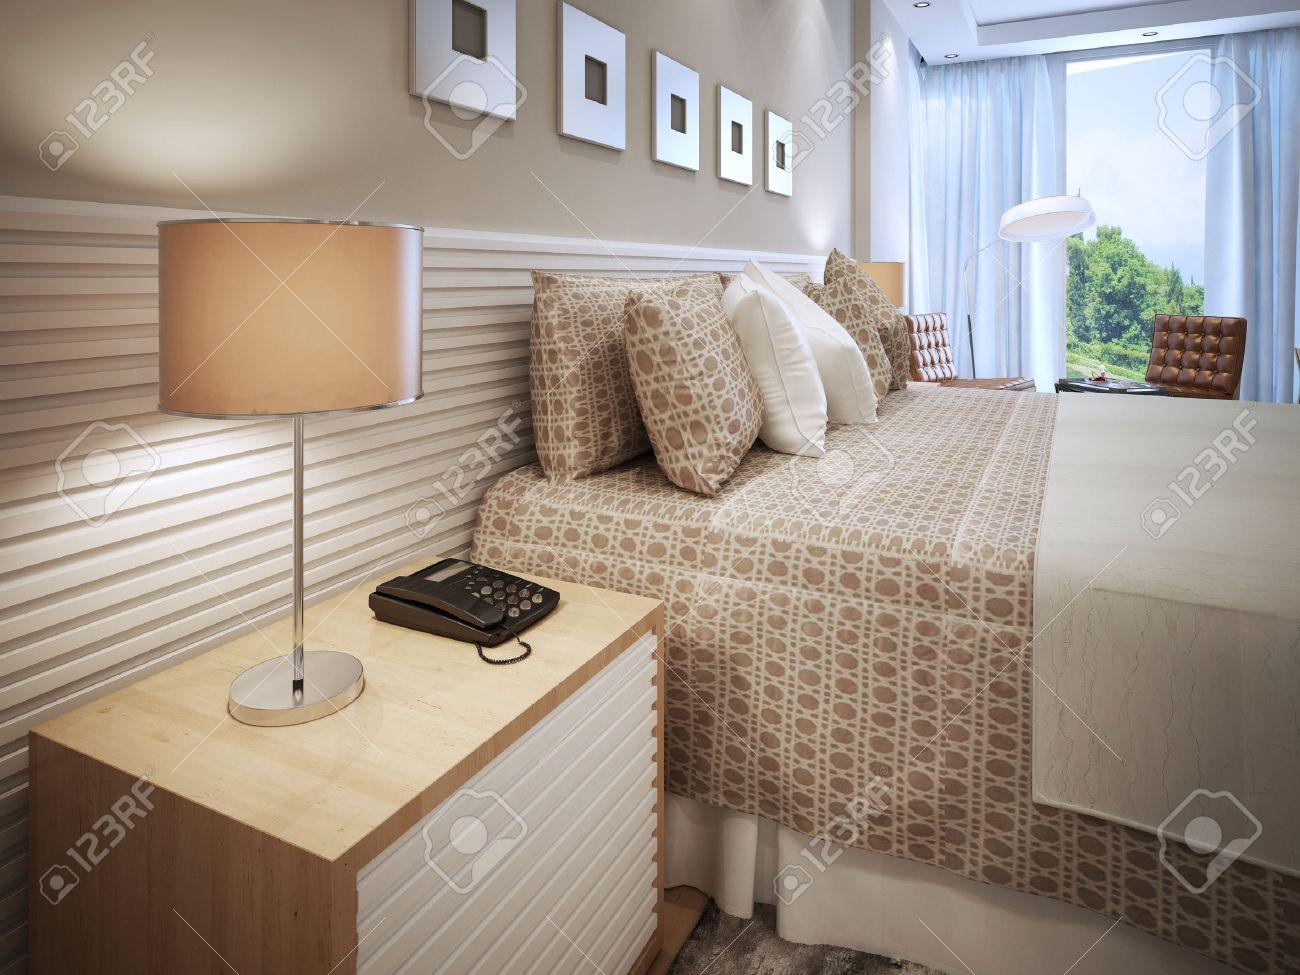 Chambre design contemporain. Effectué lit avec des coussins, table de  chevet en bois avec téléphone et lampe de table avec abat-jour brun. Mur  décoré ...